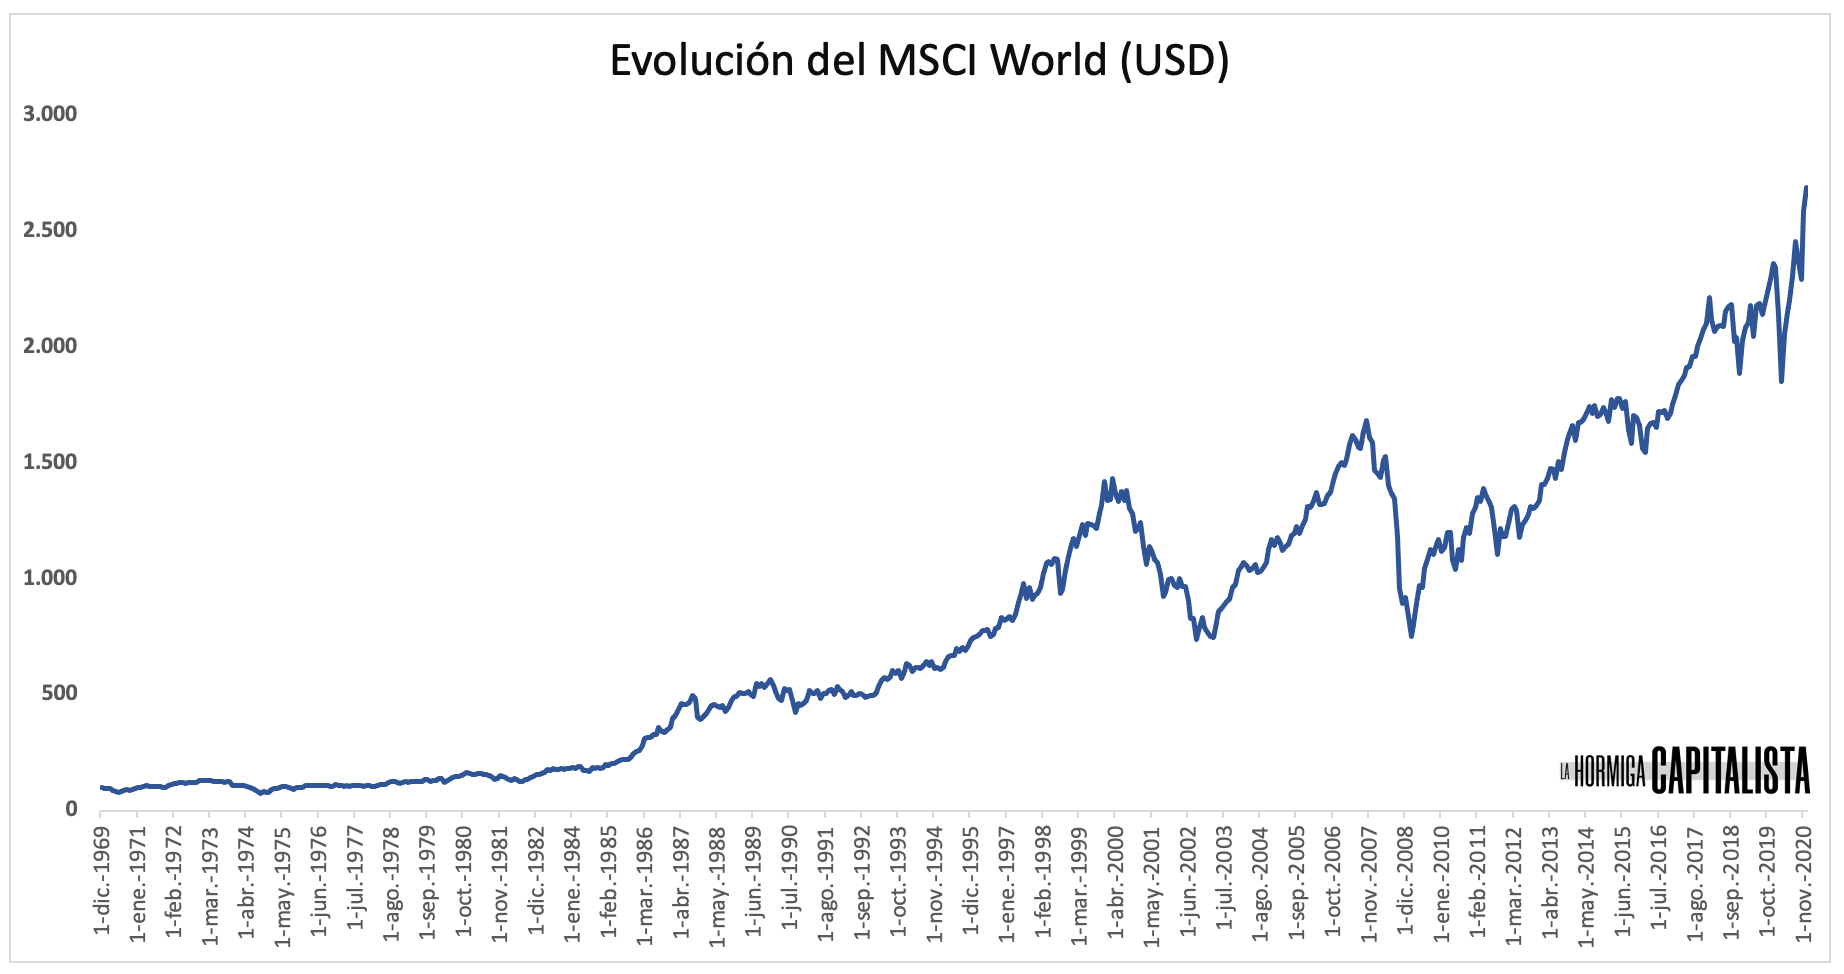 Rentabilidad del fondo indexado MSCI World desde 1969